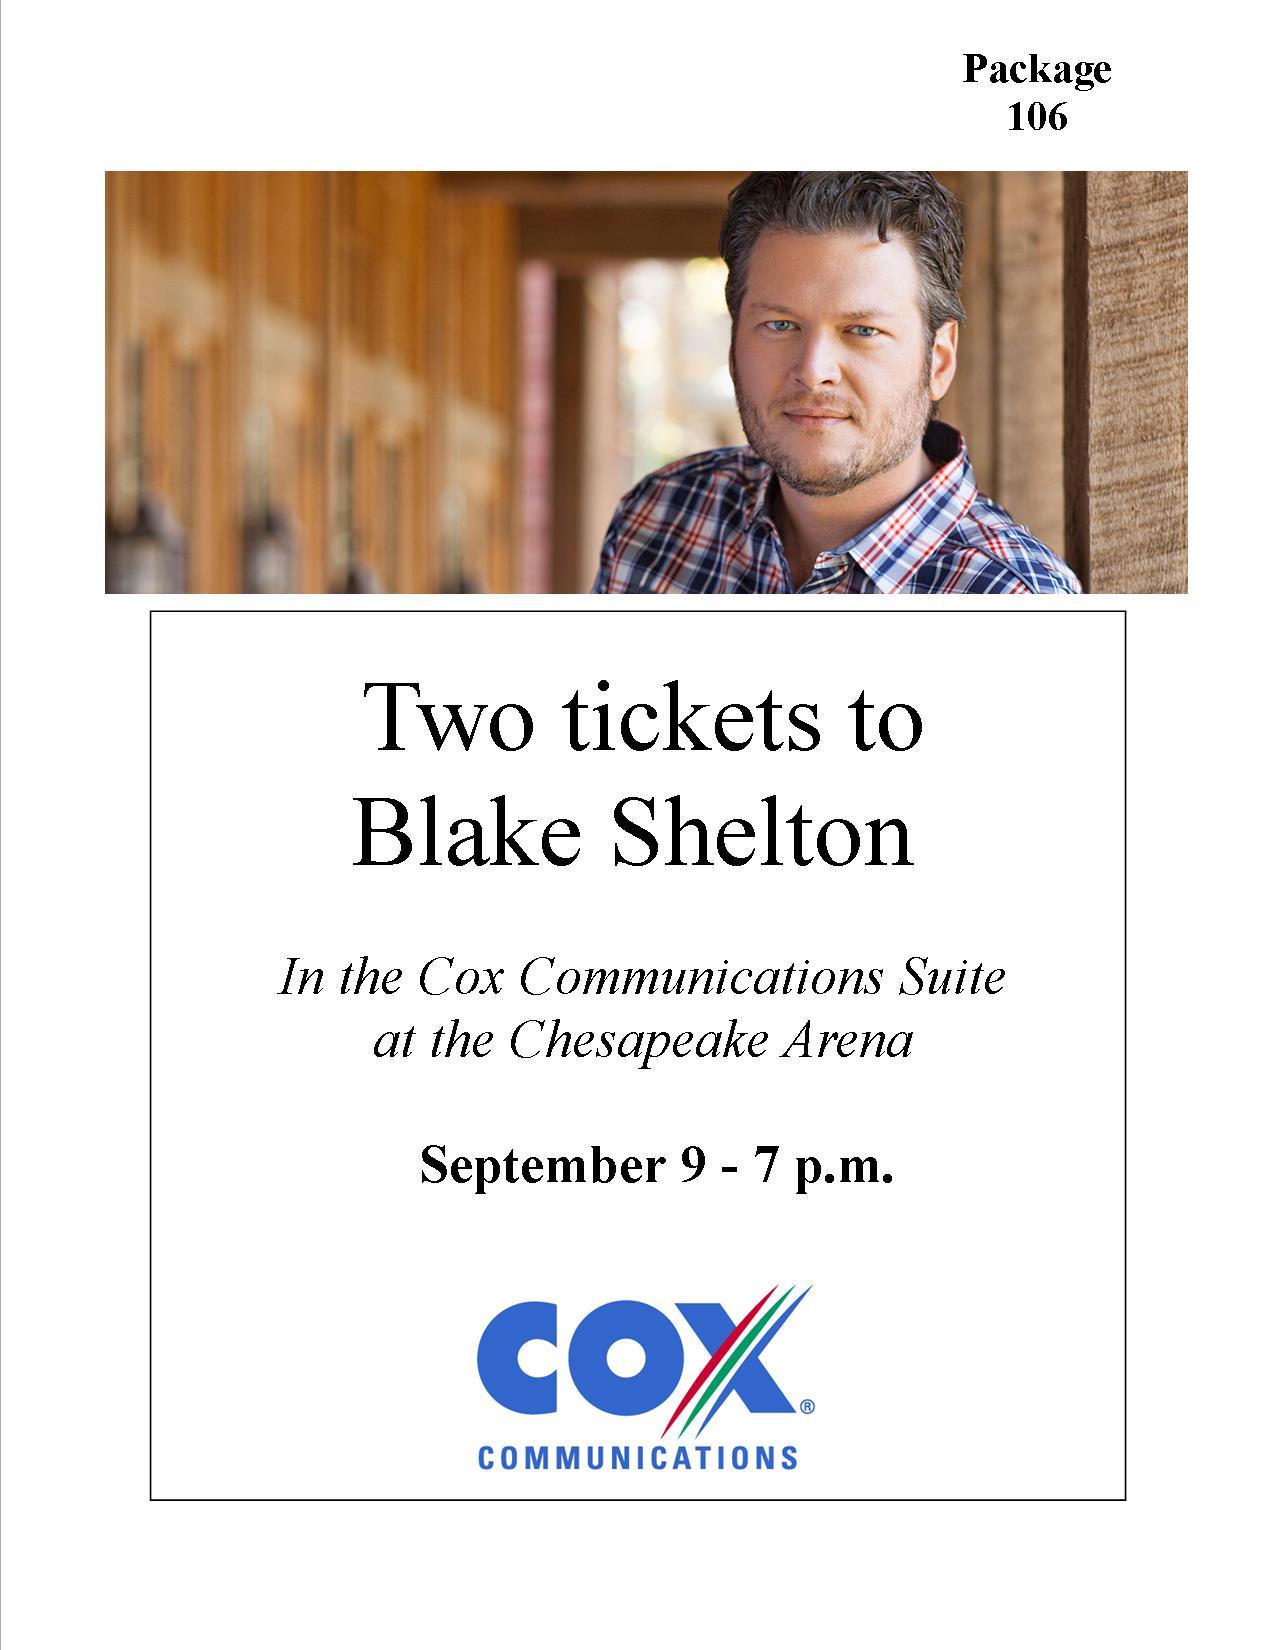 Blake Shelton # 106.jpg